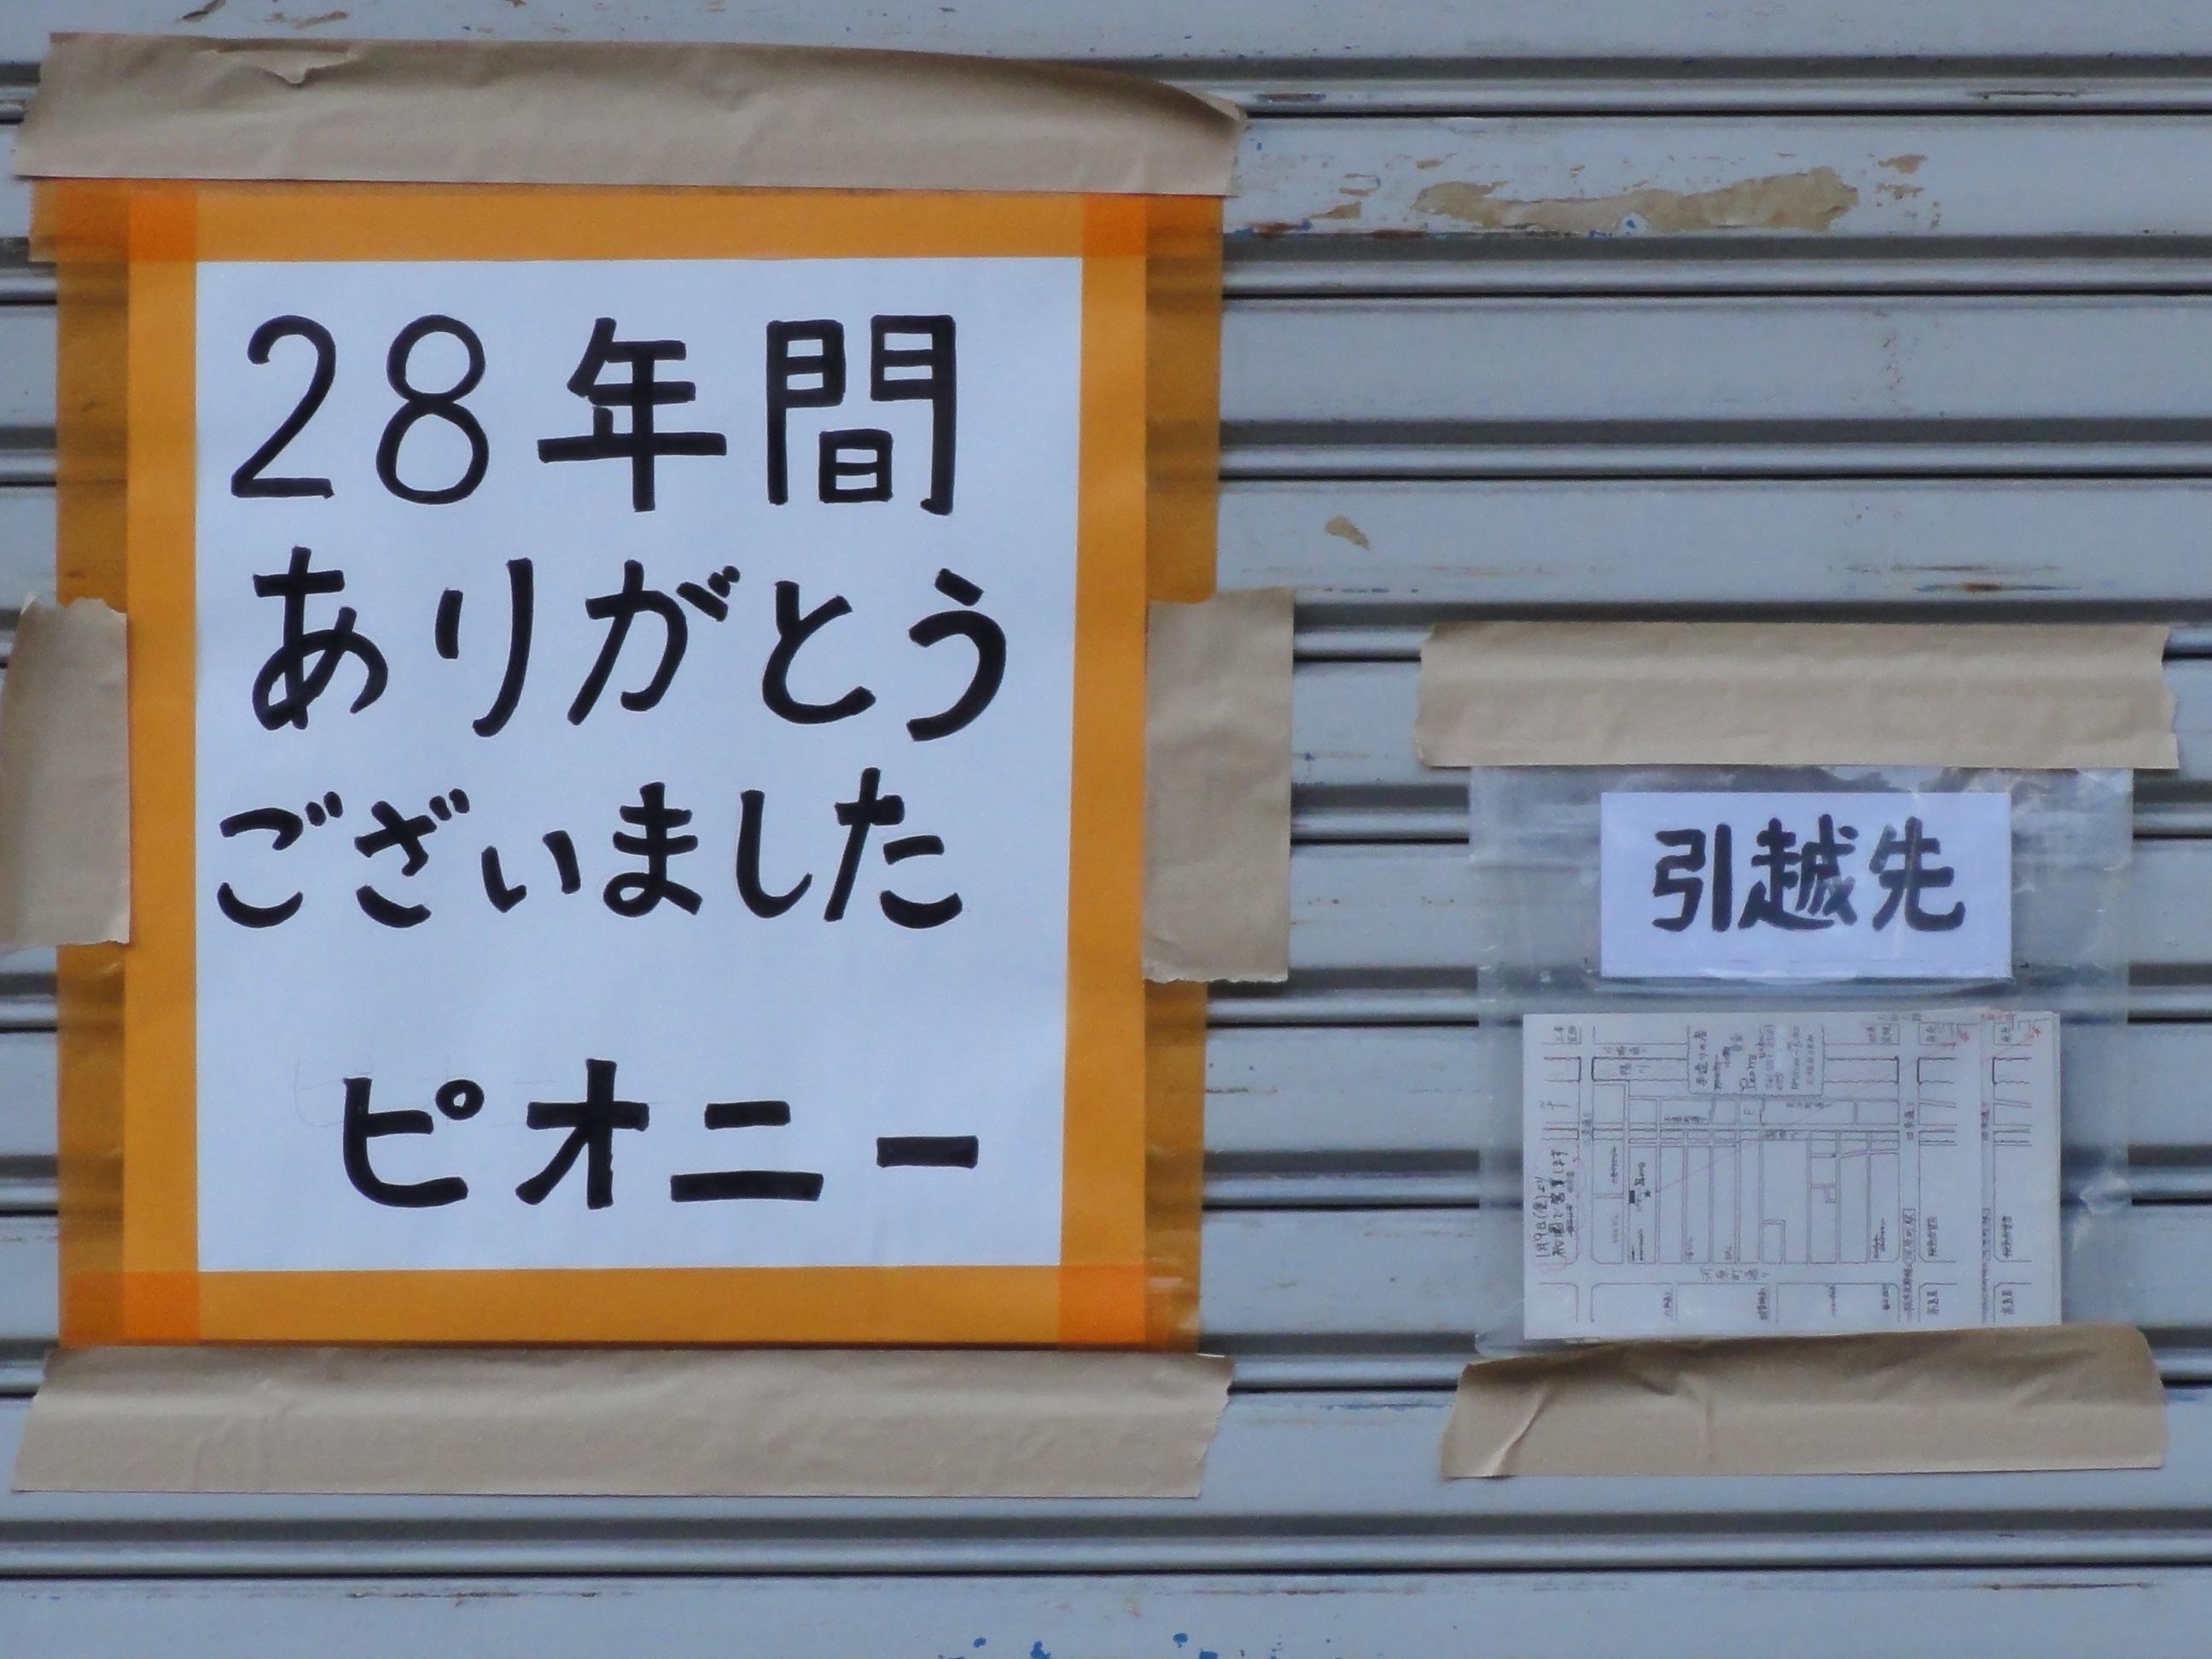 leanr-kanji-Japanese-sign-289